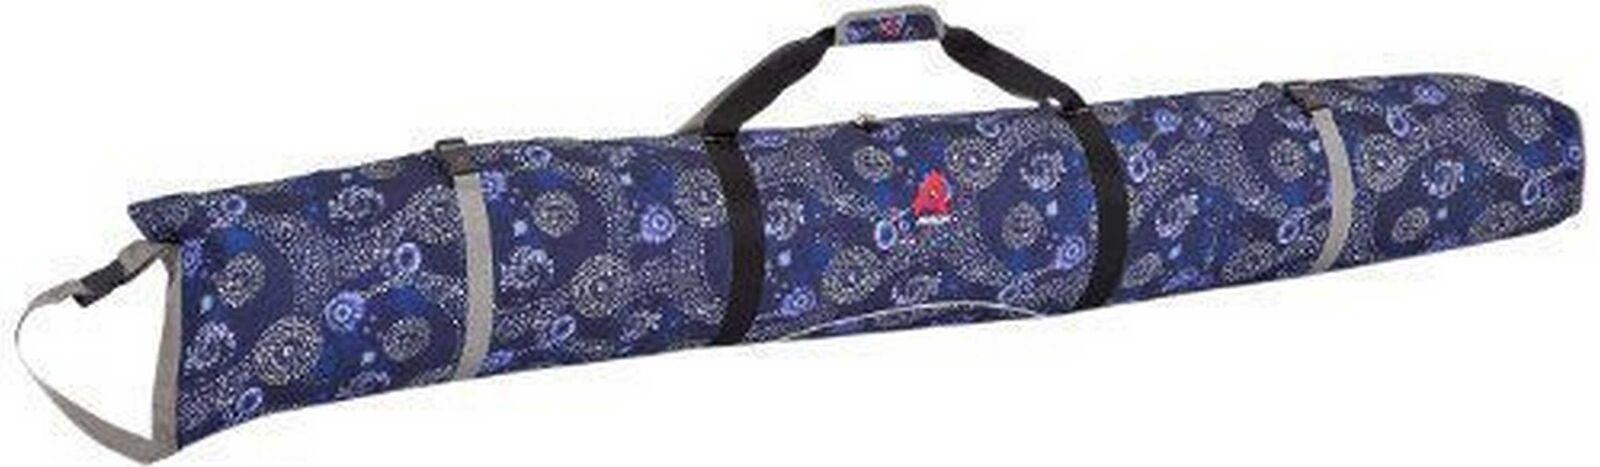 Athalon Padded Single Ski Bag, Padded, color Choices. 314